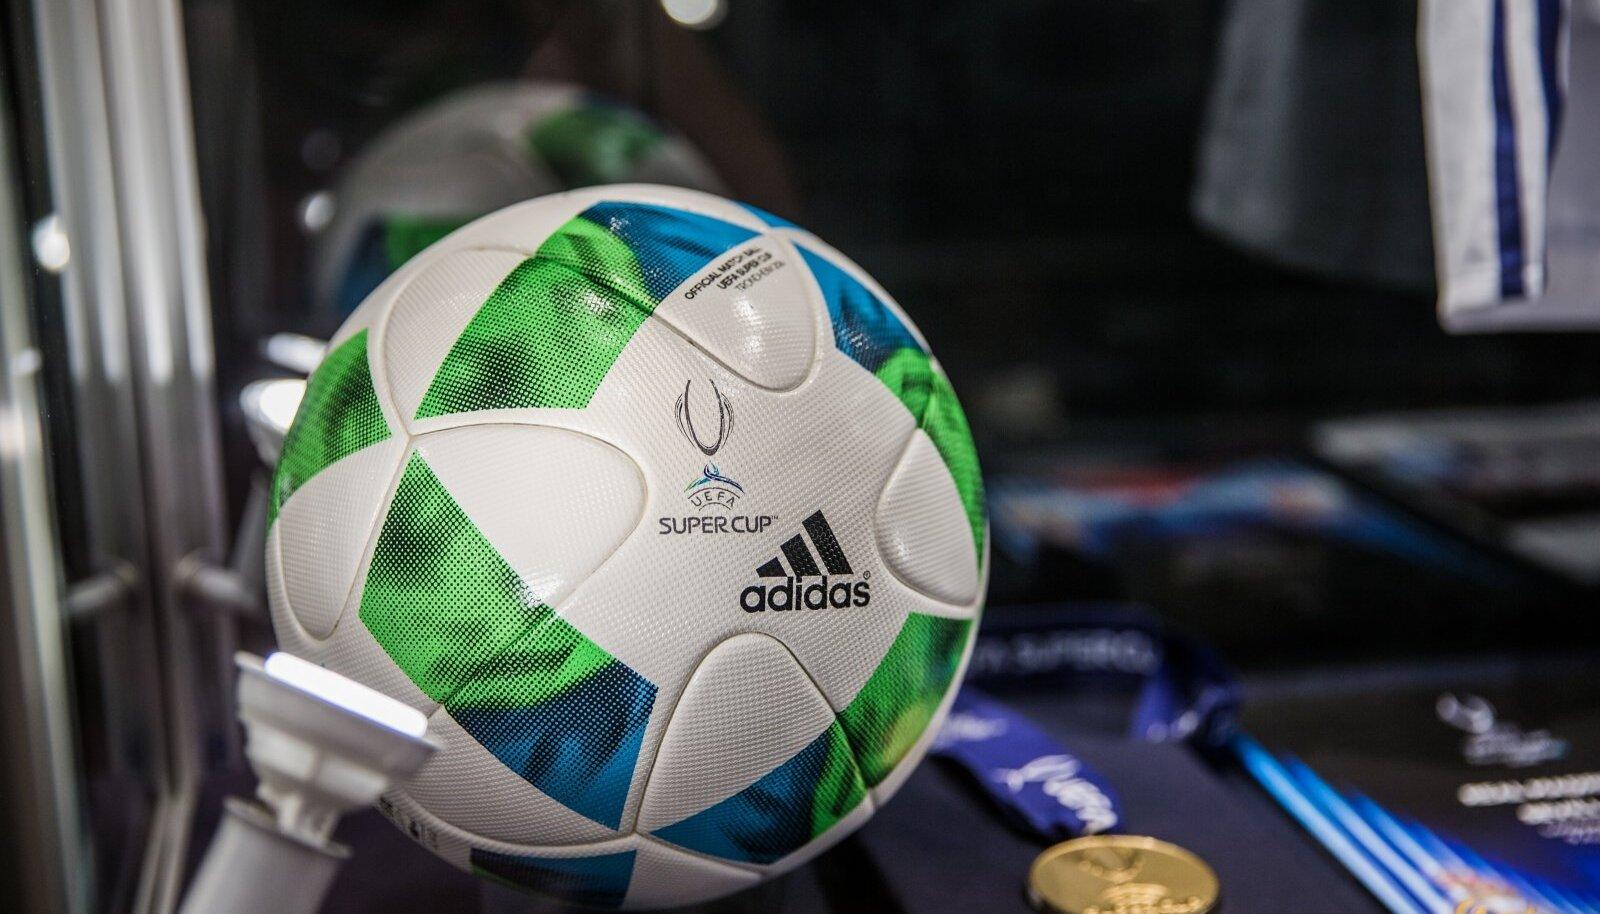 Jalgpall. Pilt on illustratiivme